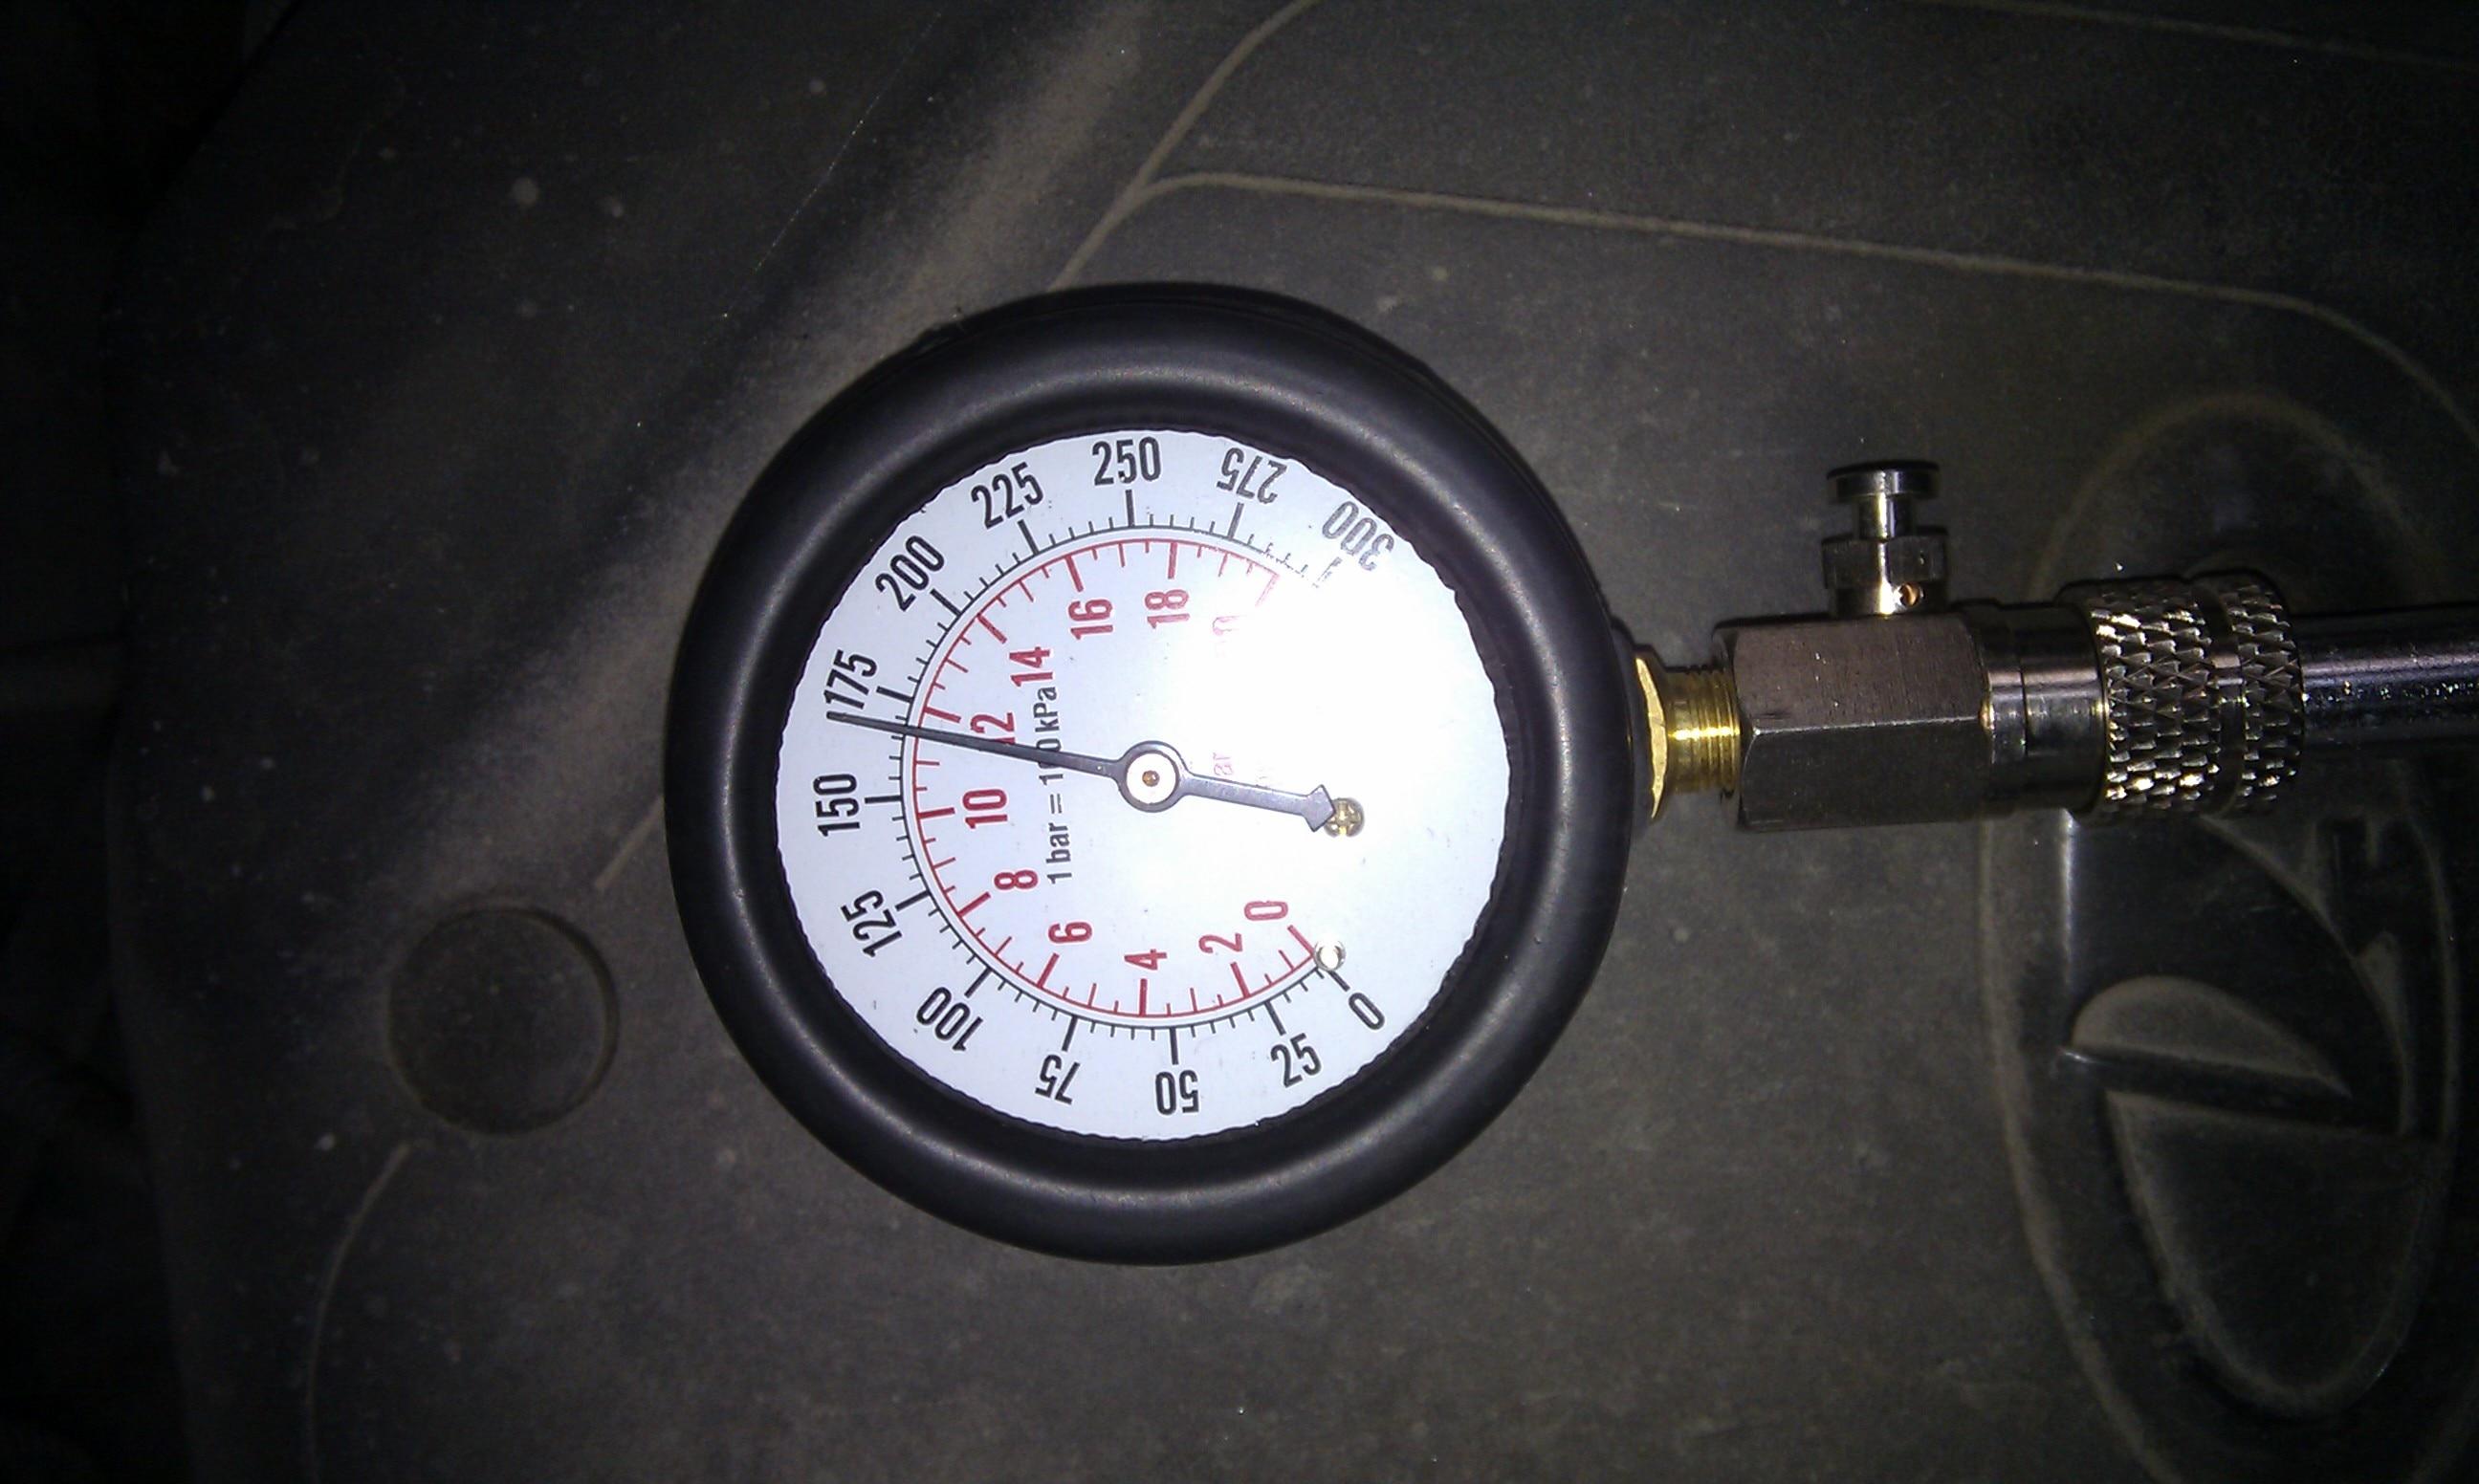 9 PCS Petrol Gas Engine Cylinder Compressor Gauge Meter Test Pressure Compression Tester Leakage Diagnostic